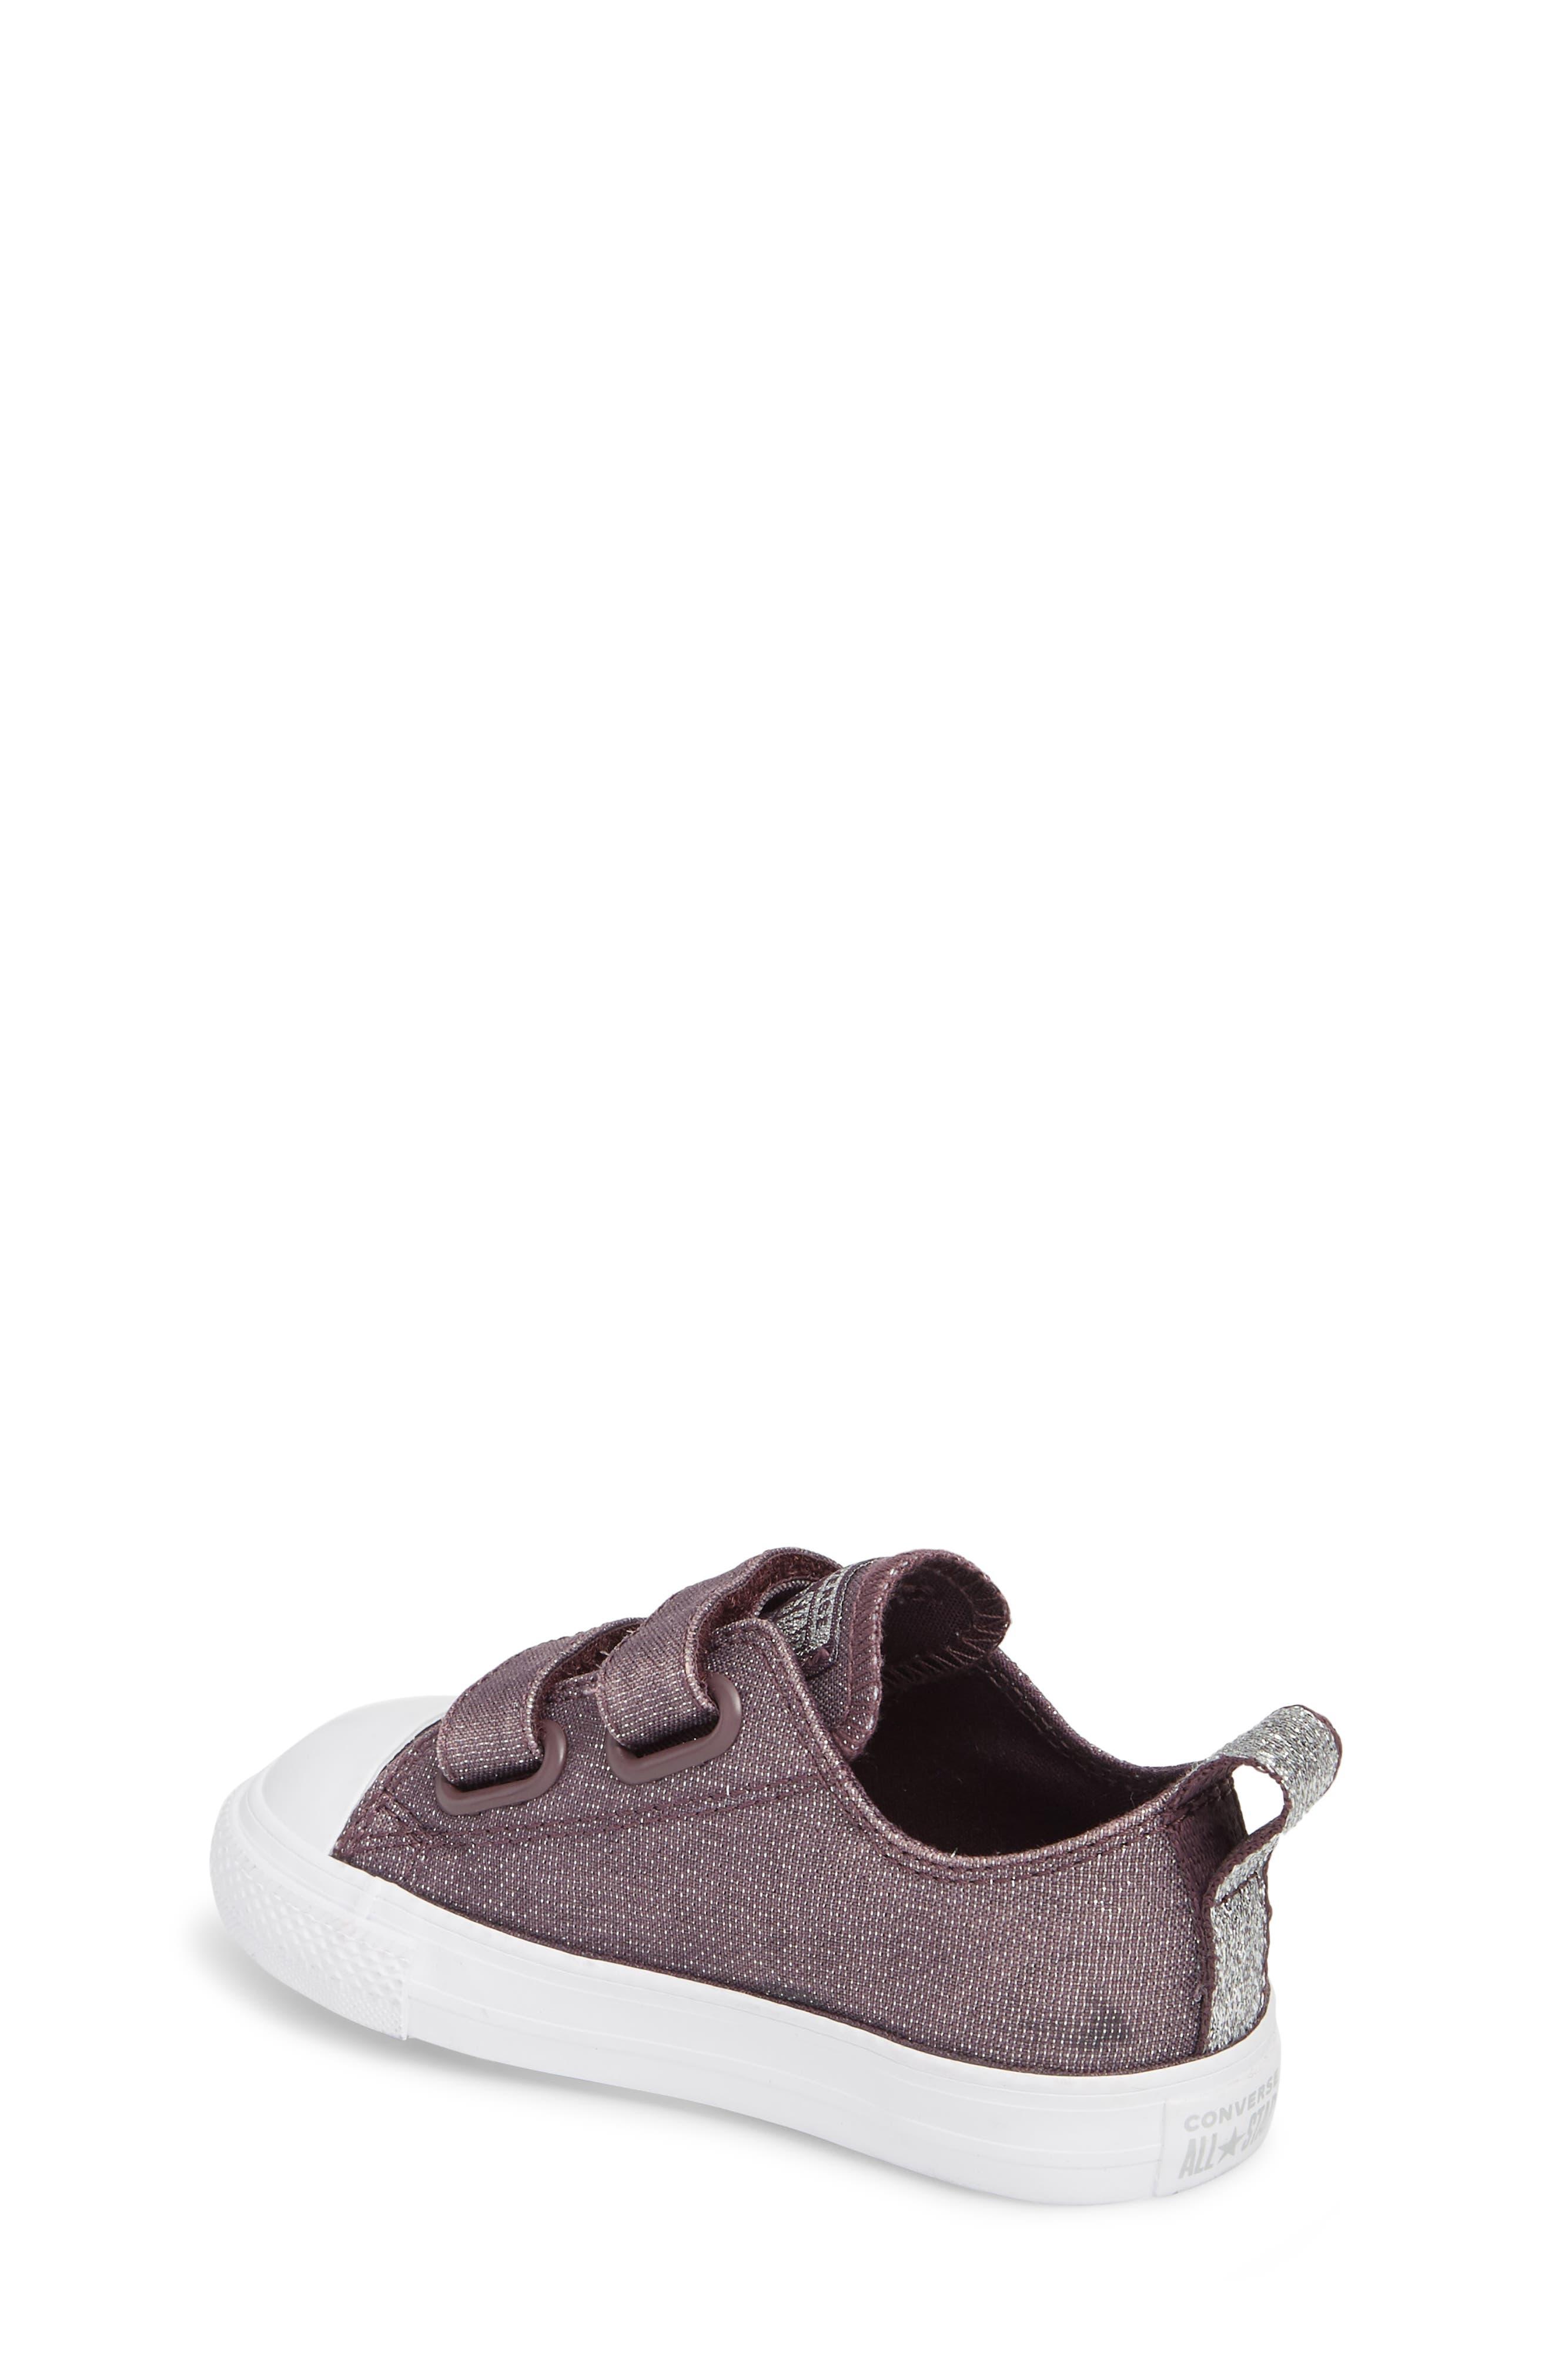 All Star<sup>®</sup> Shimmer 2V Sneaker,                             Alternate thumbnail 2, color,                             555